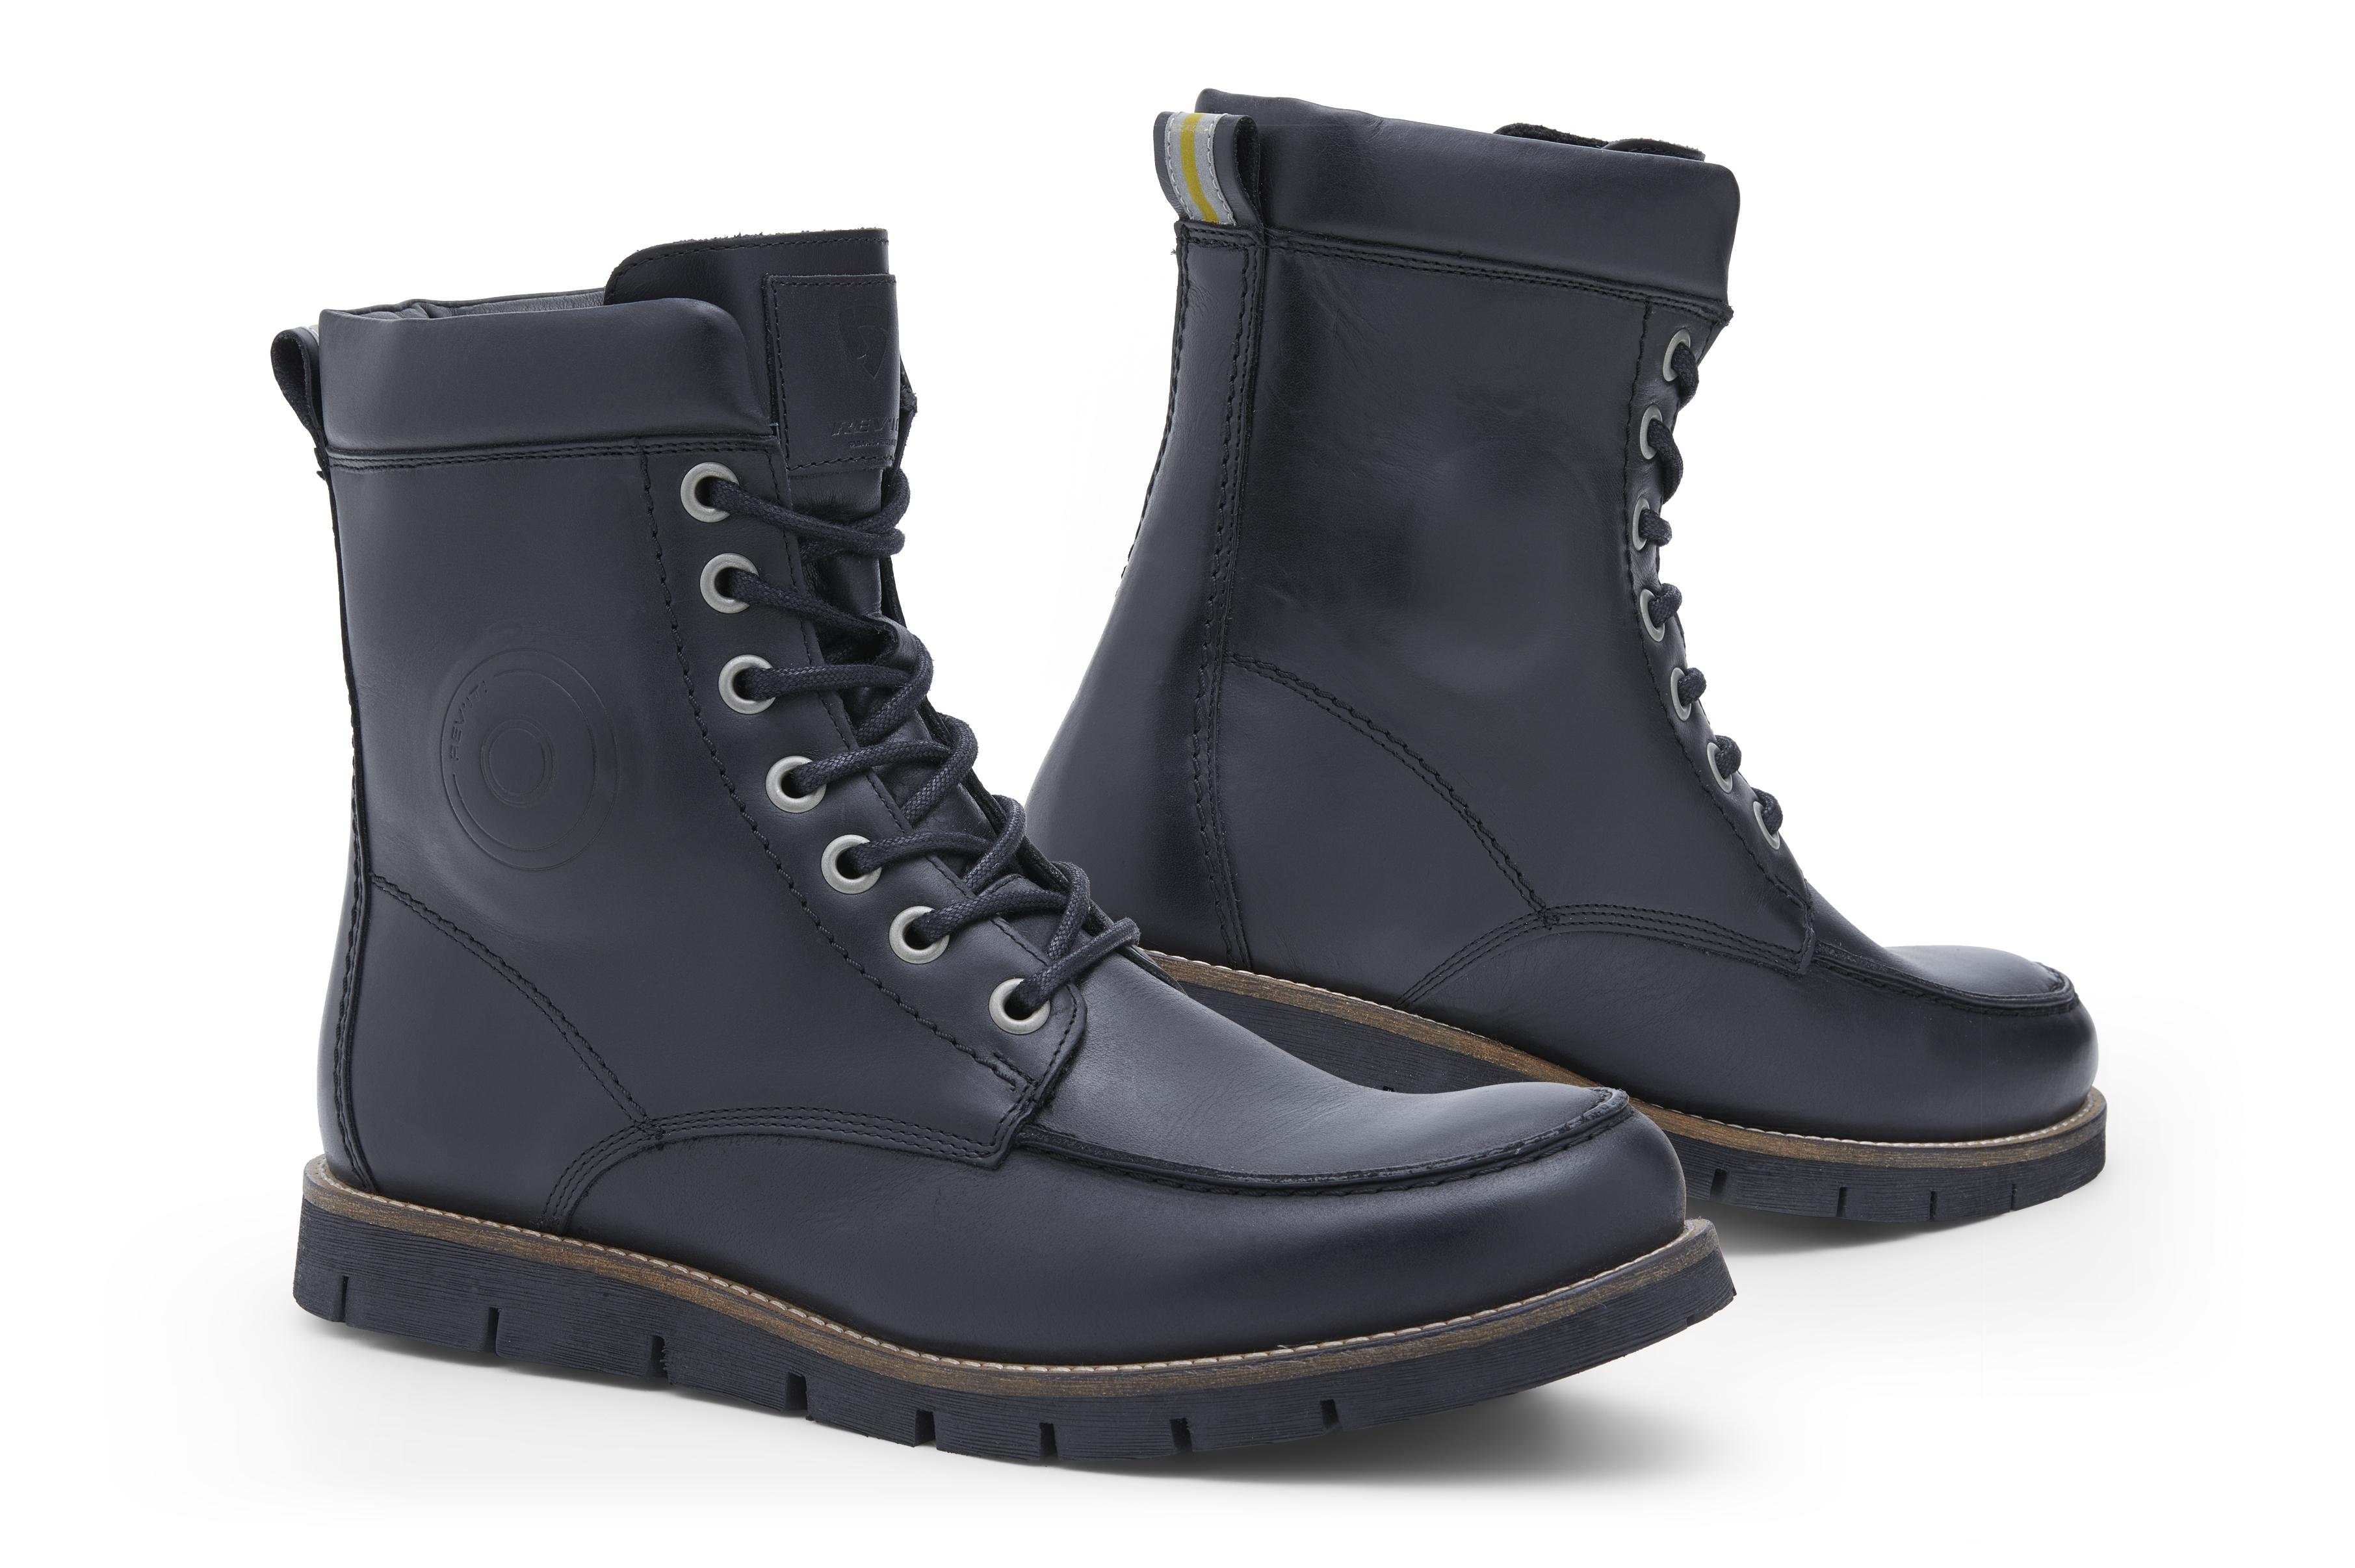 c23275c4c REV'IT! Mohawk 2 Boots